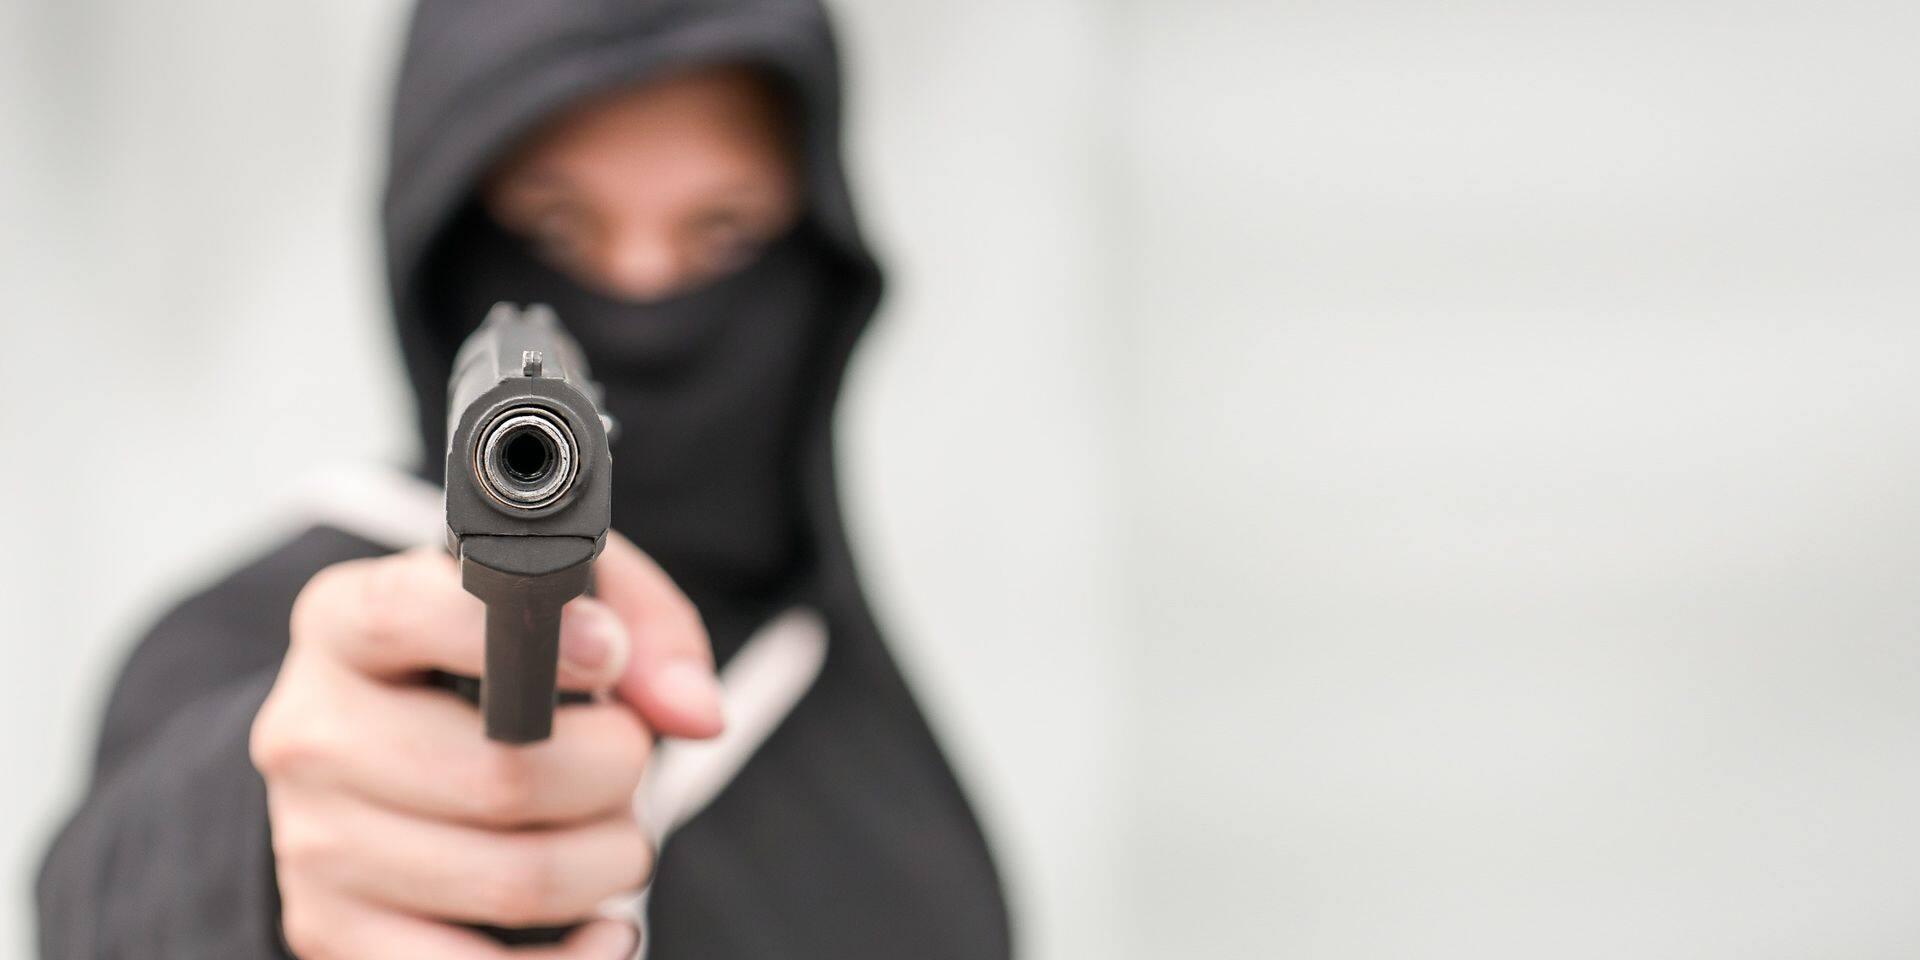 Coups de feu cette nuit à la citadelle de Namur : une personne interpellée